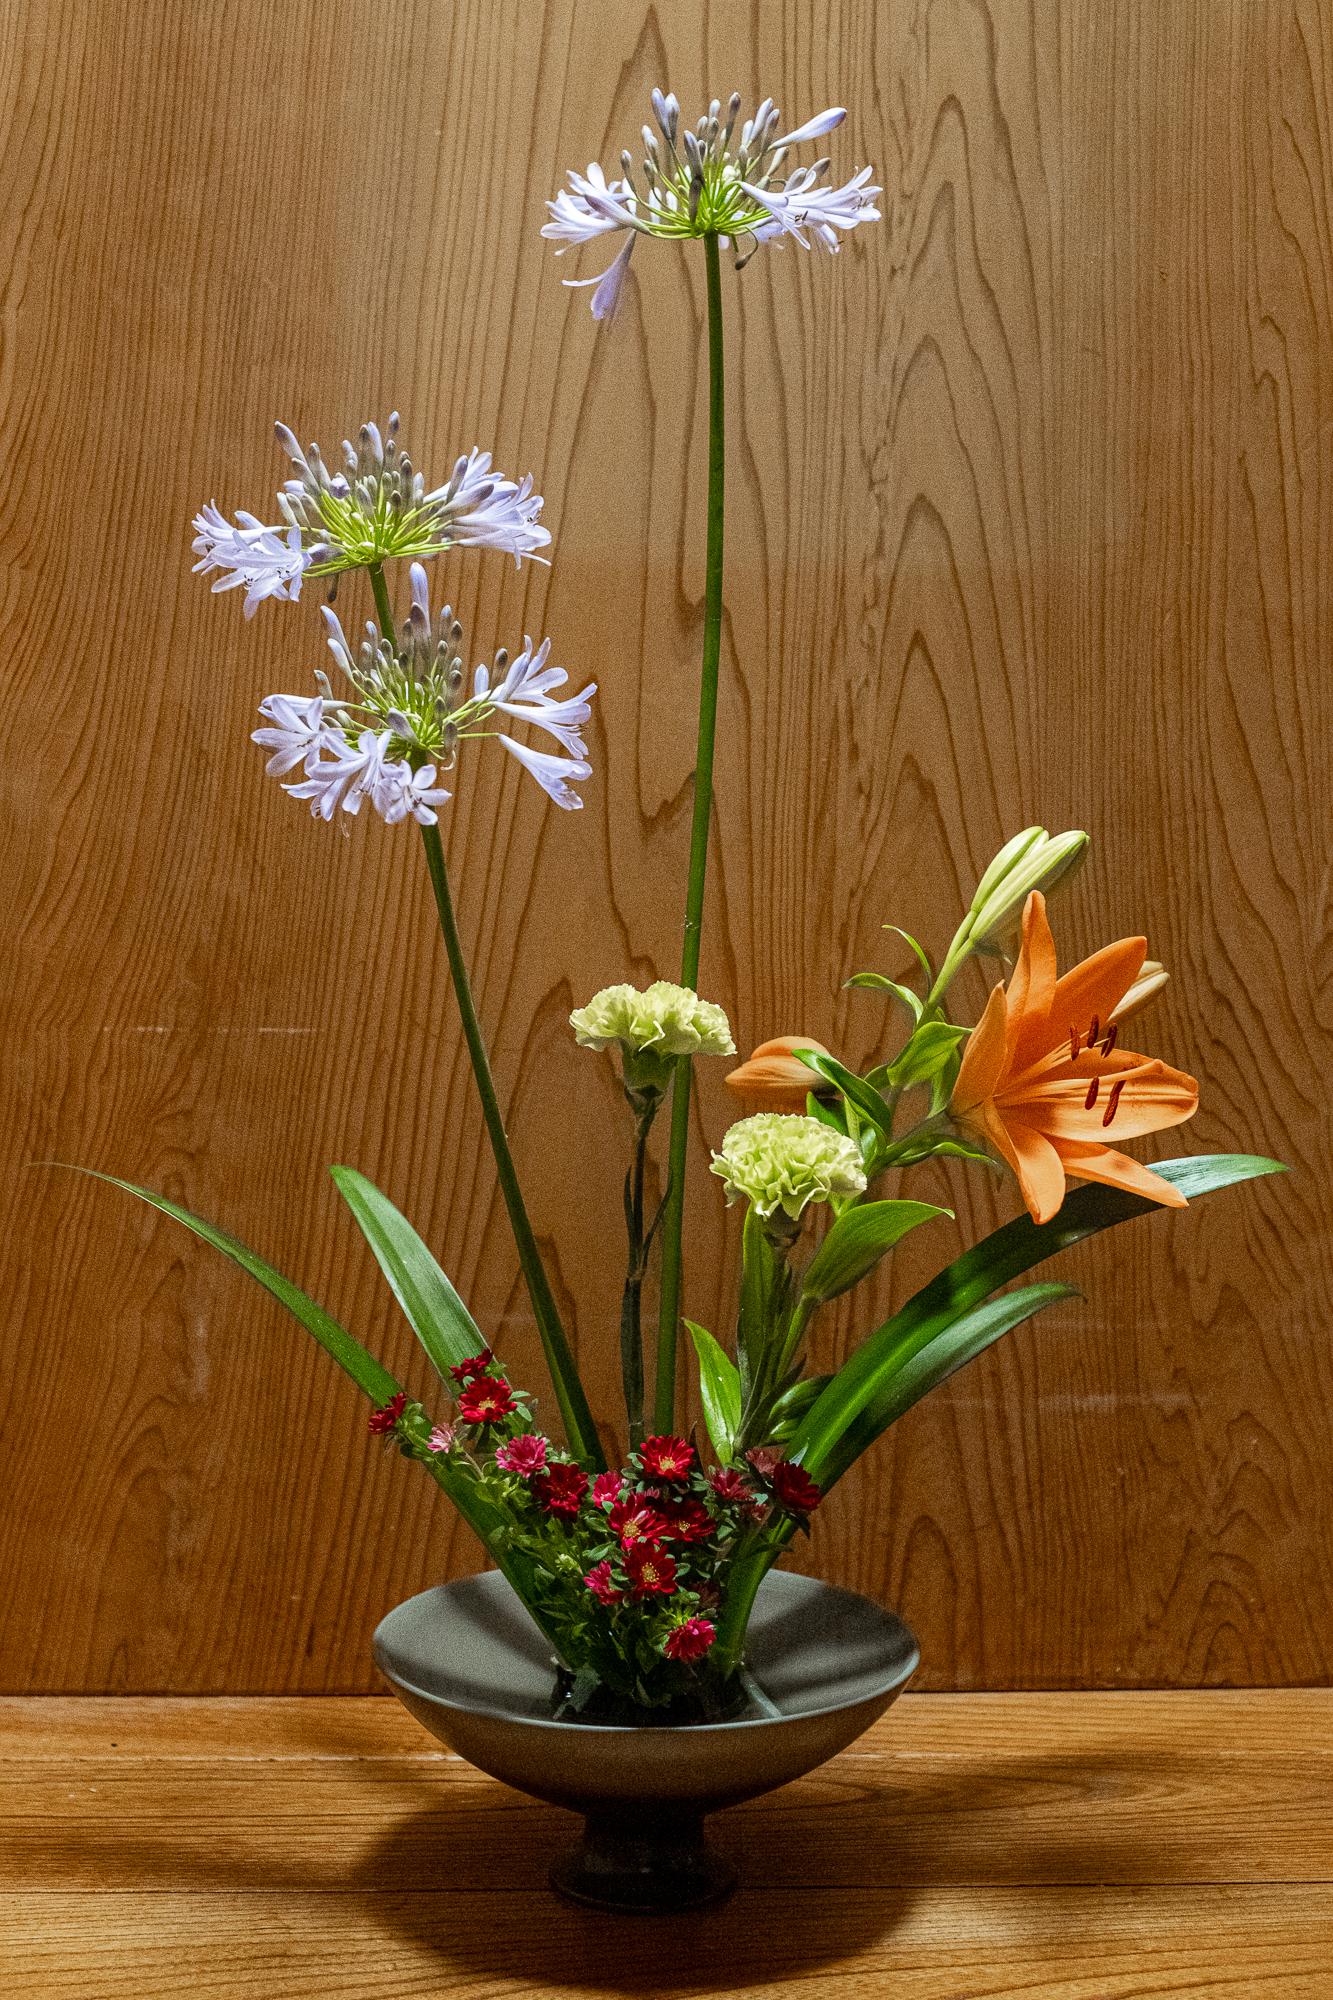 新入りレポ第4回:お花と木材(前編)「素材を活かす」